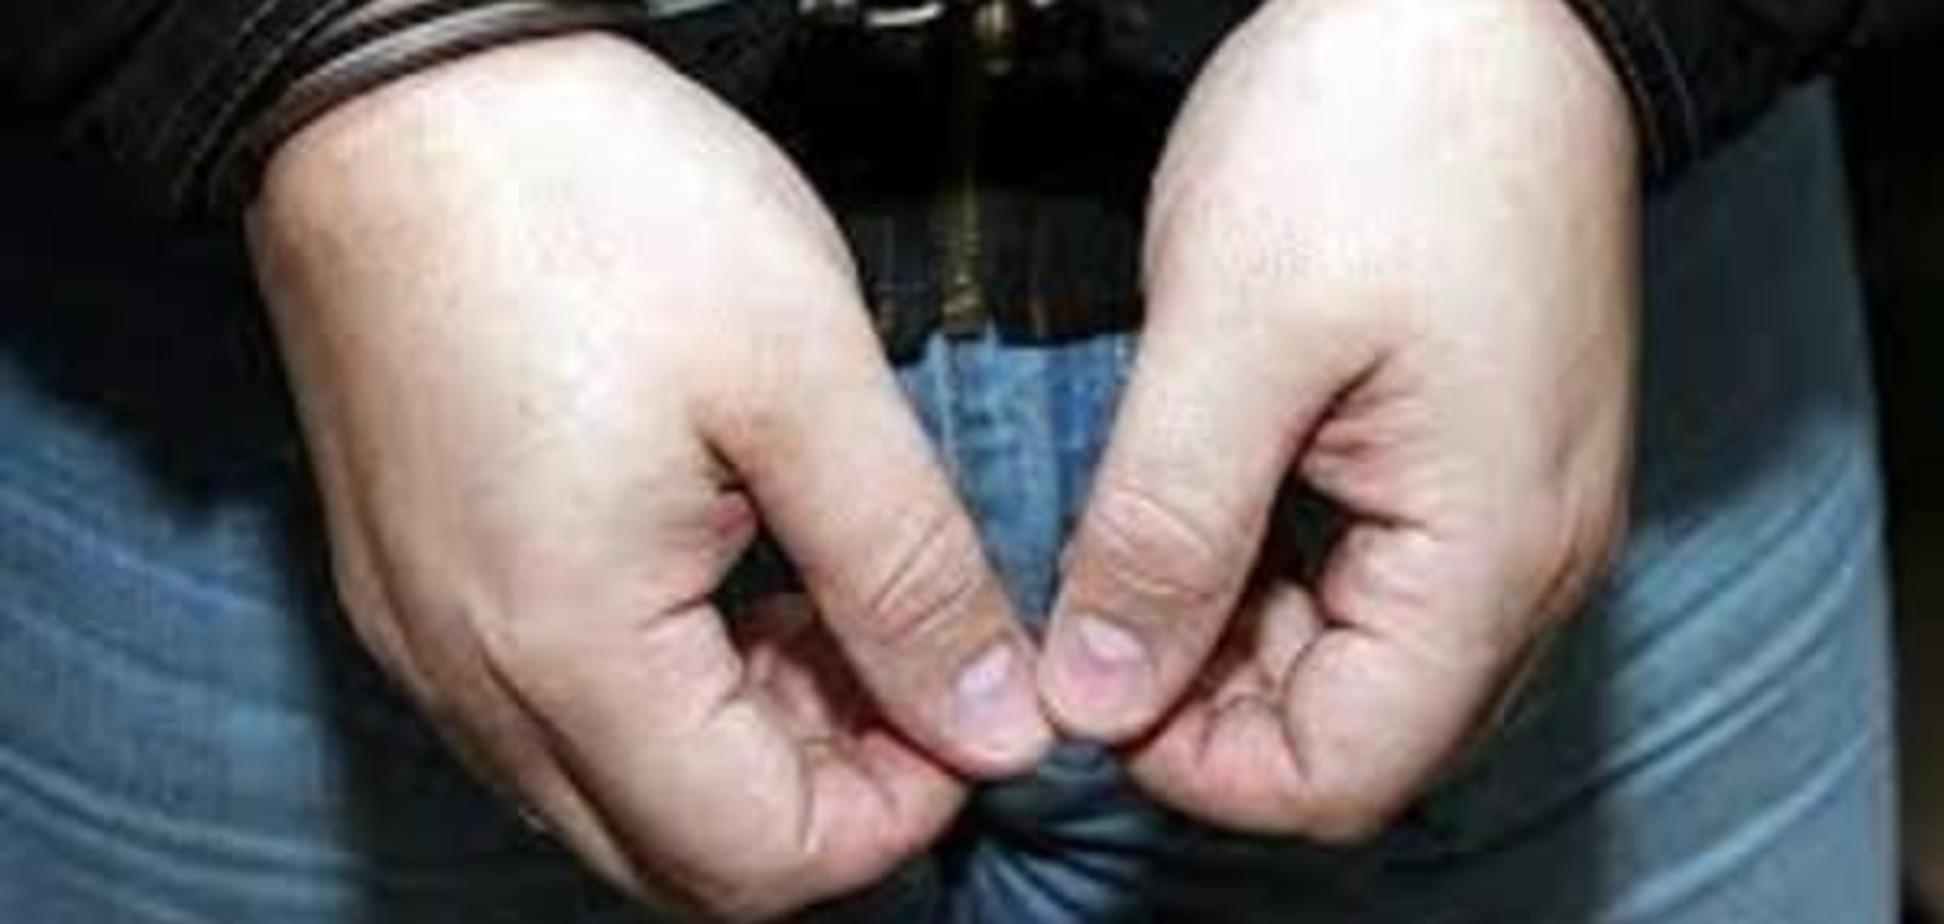 В Одесской области начальник милиции пойман на крупной взятке